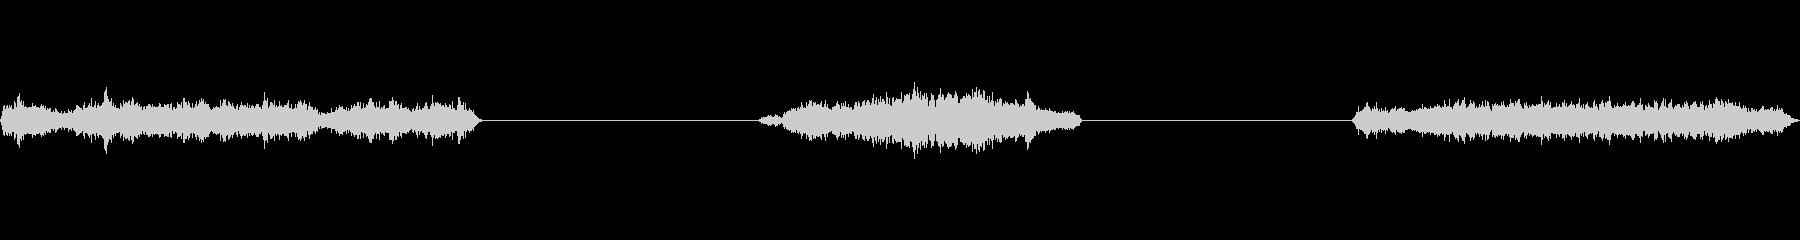 油圧サーボ:いくつかの短い動き、3...の未再生の波形